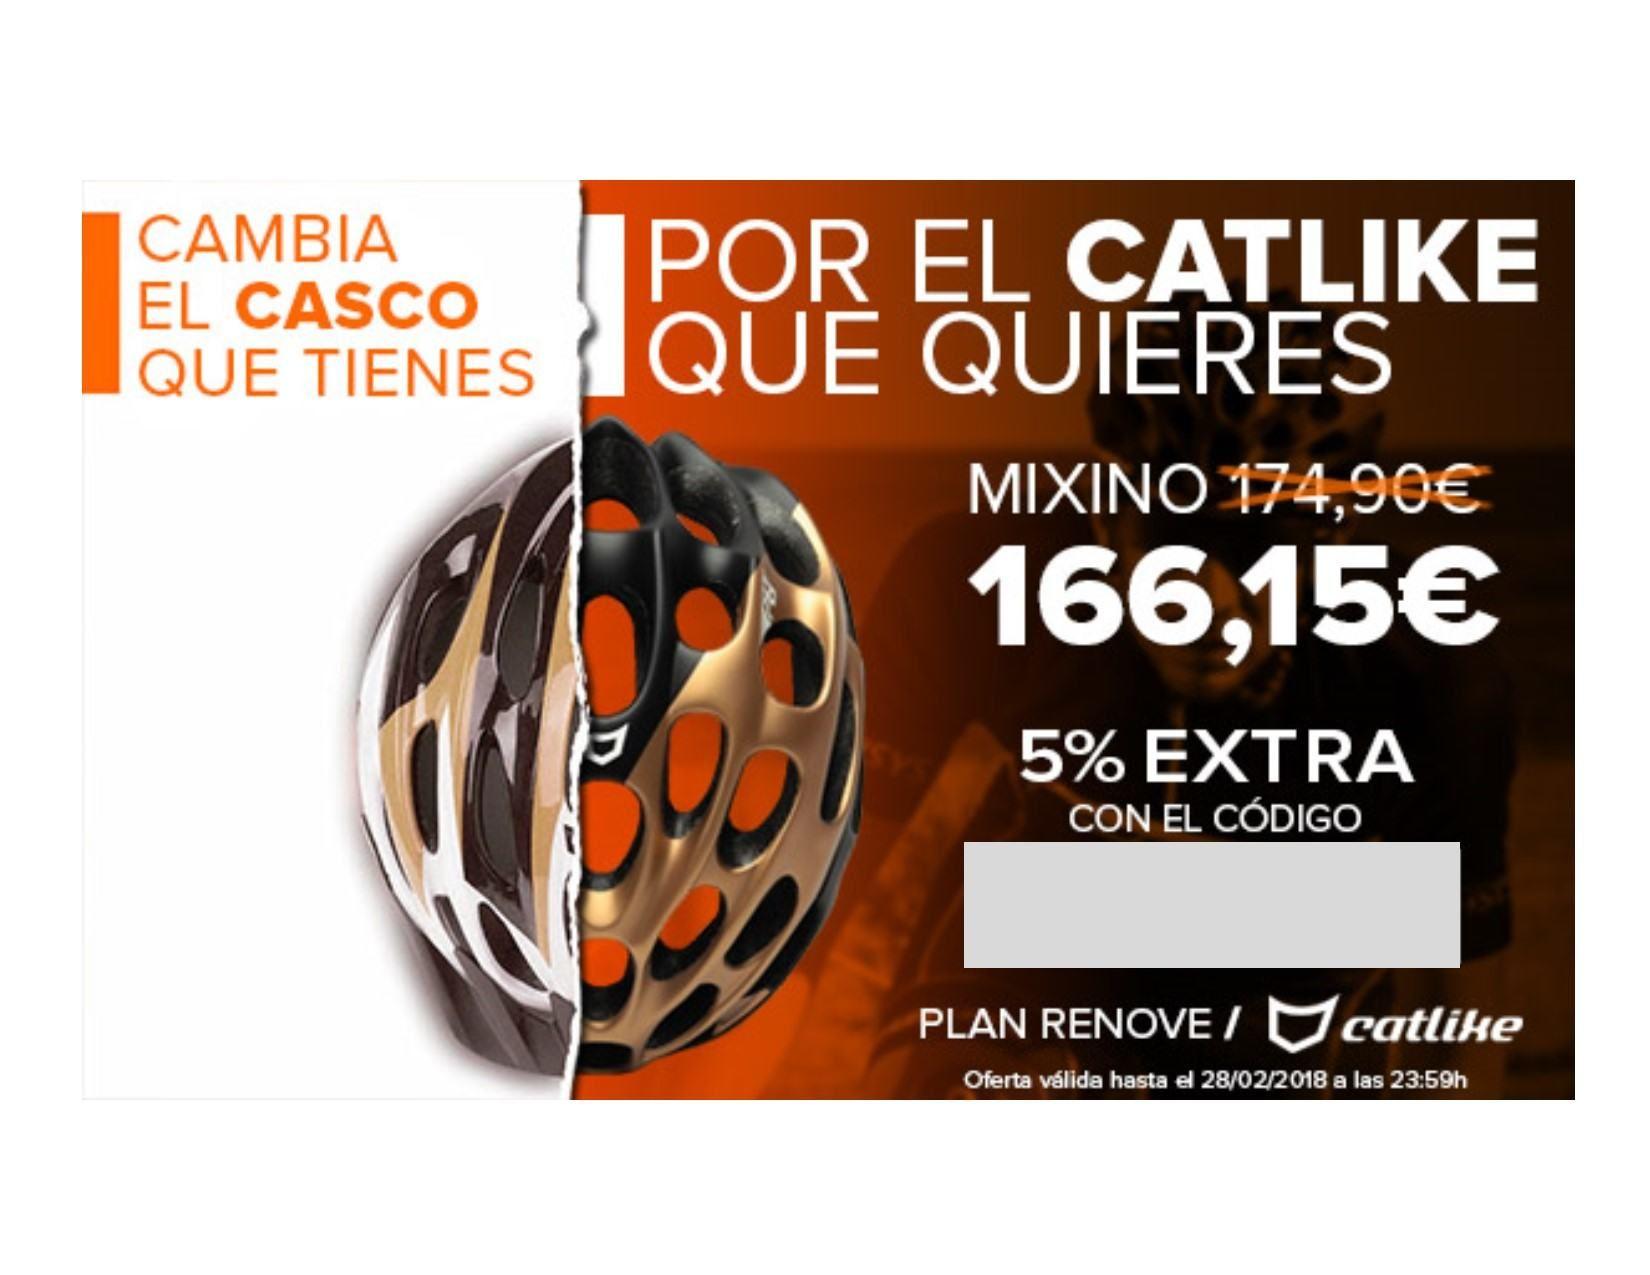 efaa88f150 En Retto puedes encontrar el casco carretera Catlike Mixino con descuento  del 22%. Además